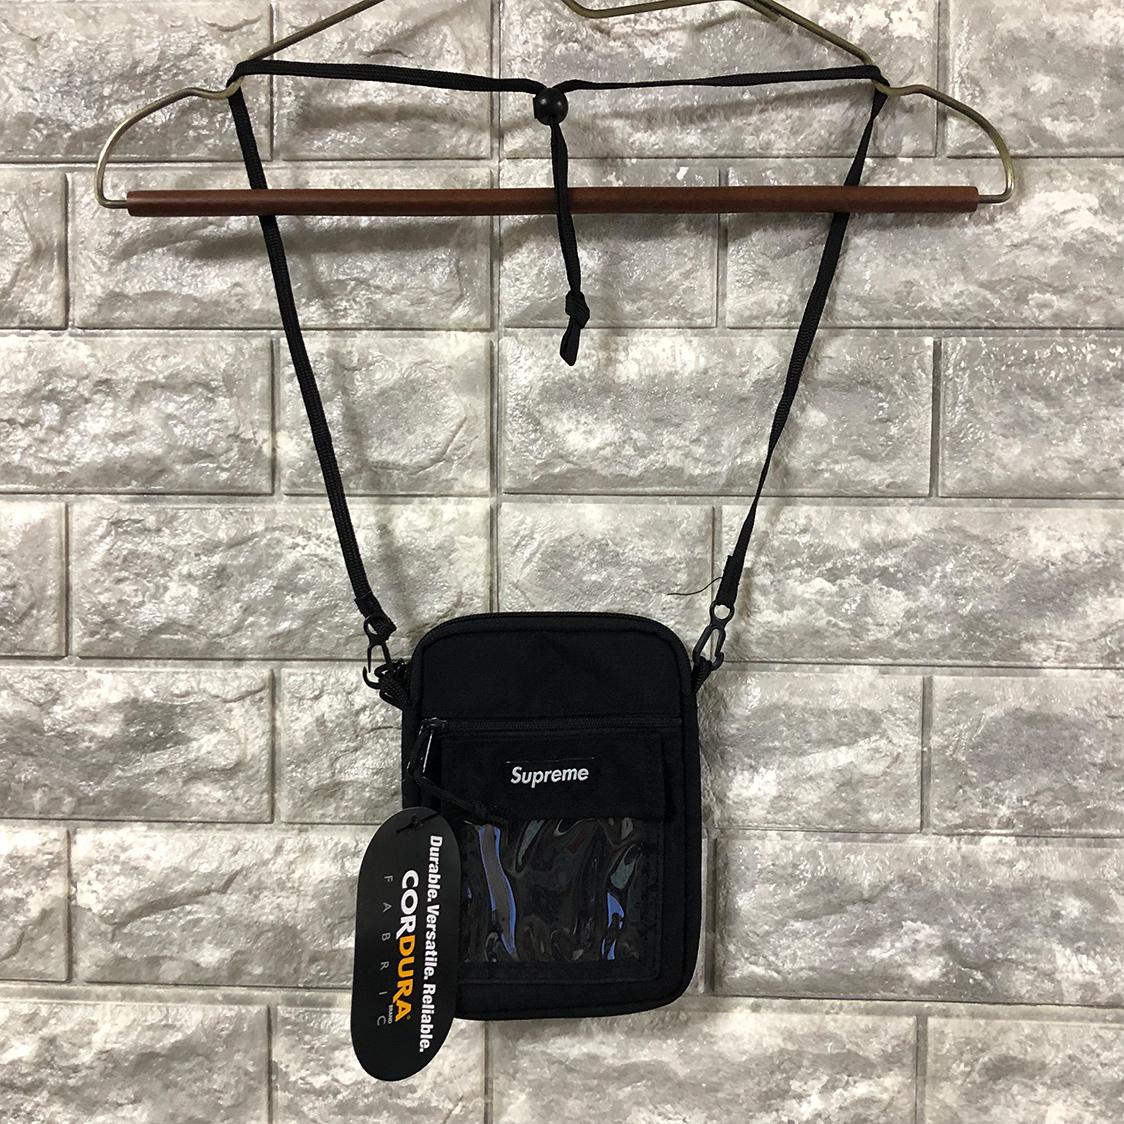 新品 supreme シュプリーム Utility Pouch Black ショルダー バッグ ポーチ タグ付き 黒 国内正規品